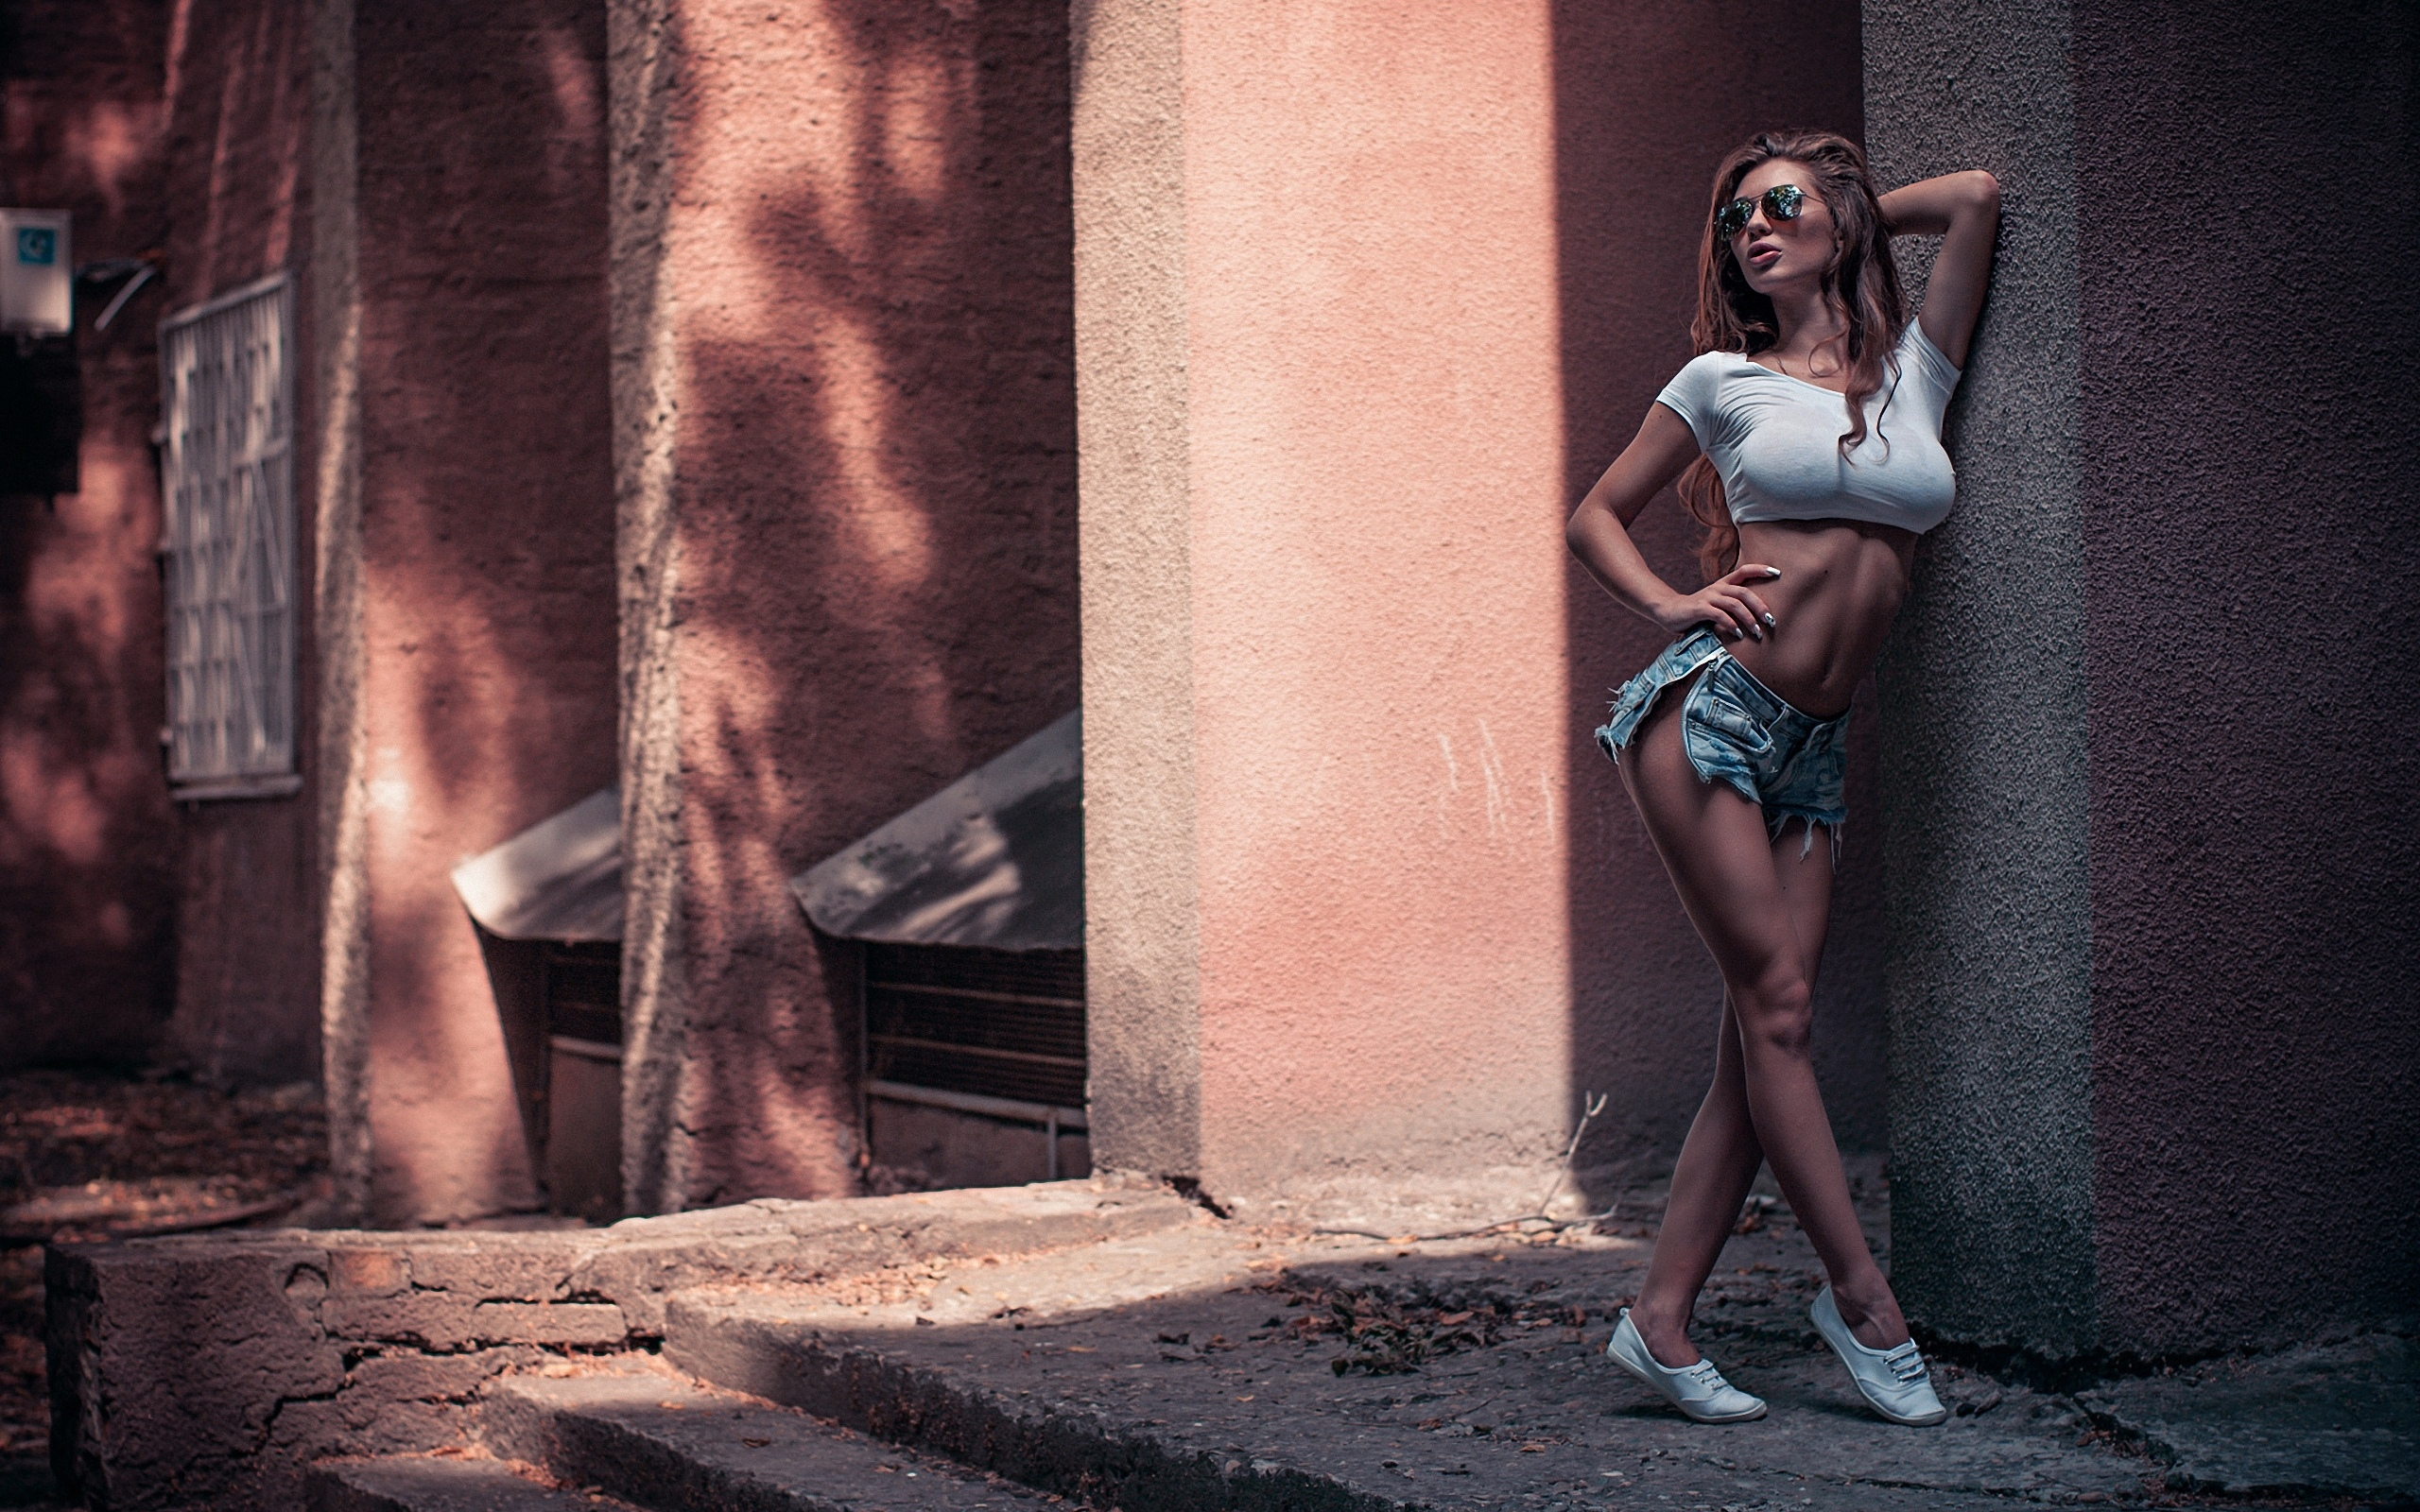 девушка, модель, позирует, у стены, шортики, топик, очки, проф фото